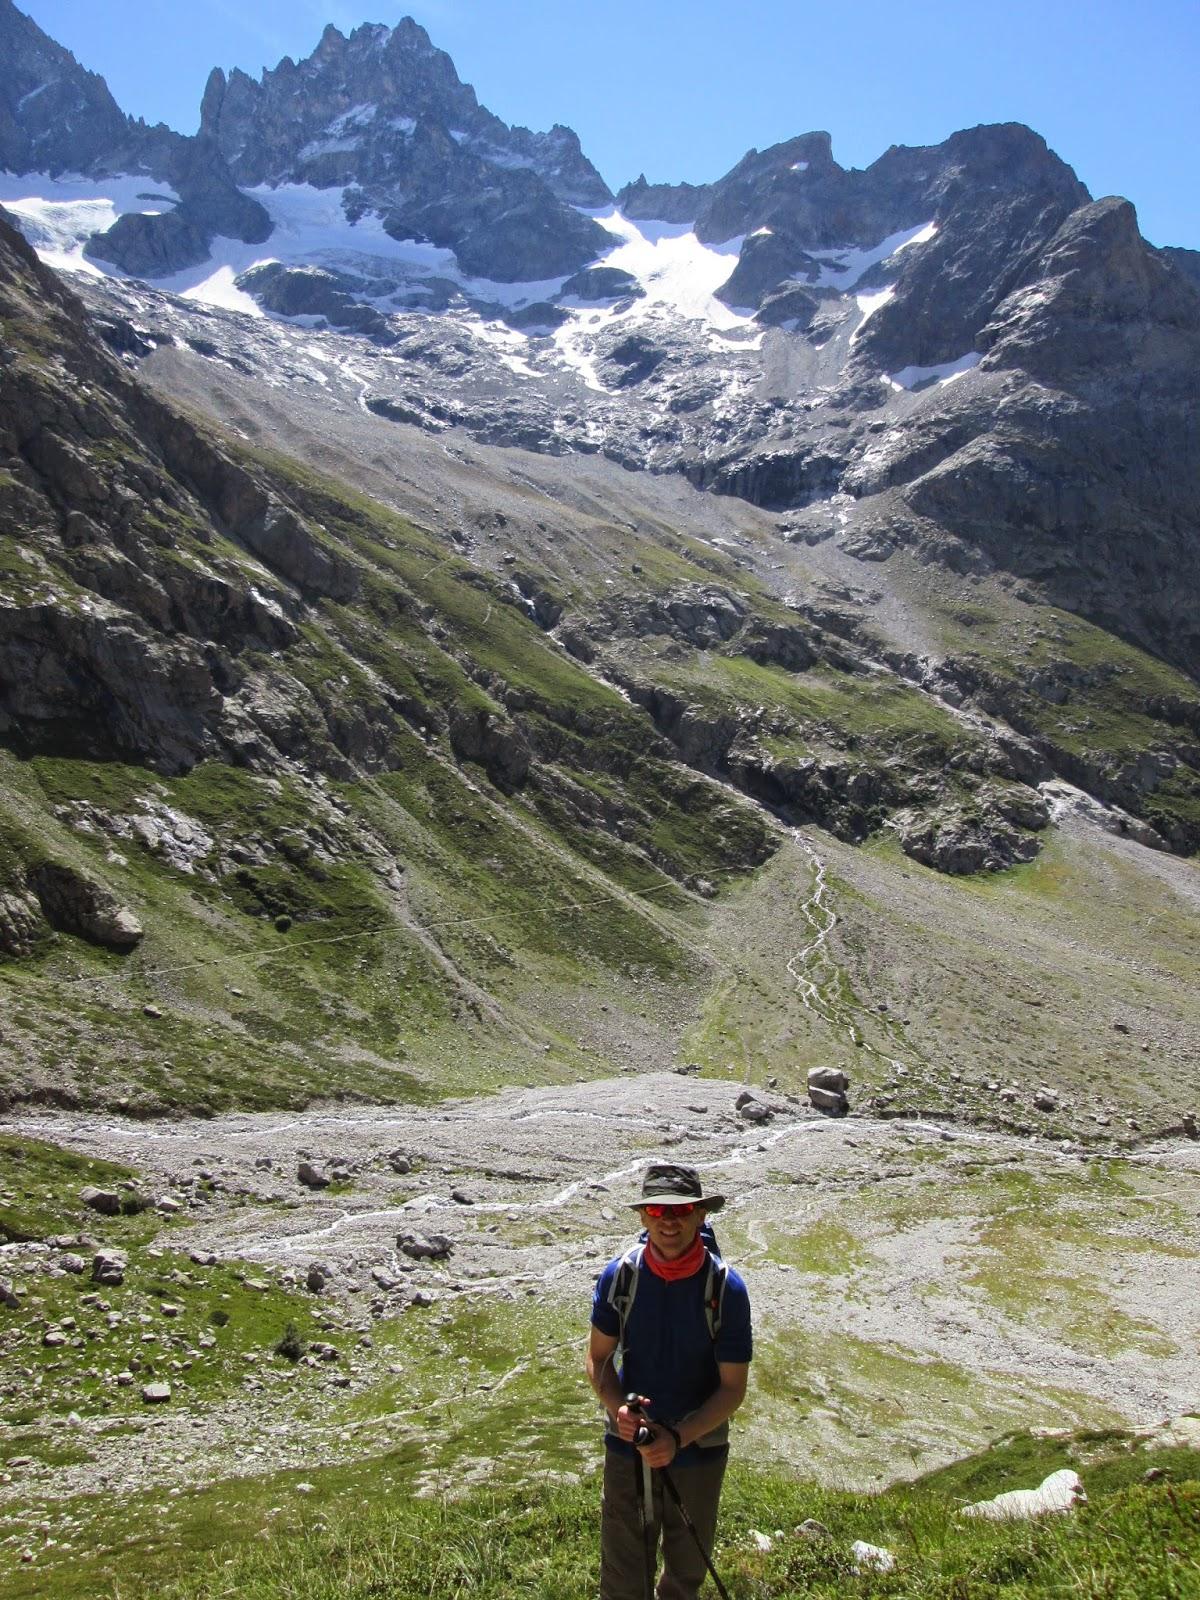 Vallon de Etancons, Ecrins National Park, Alps, France